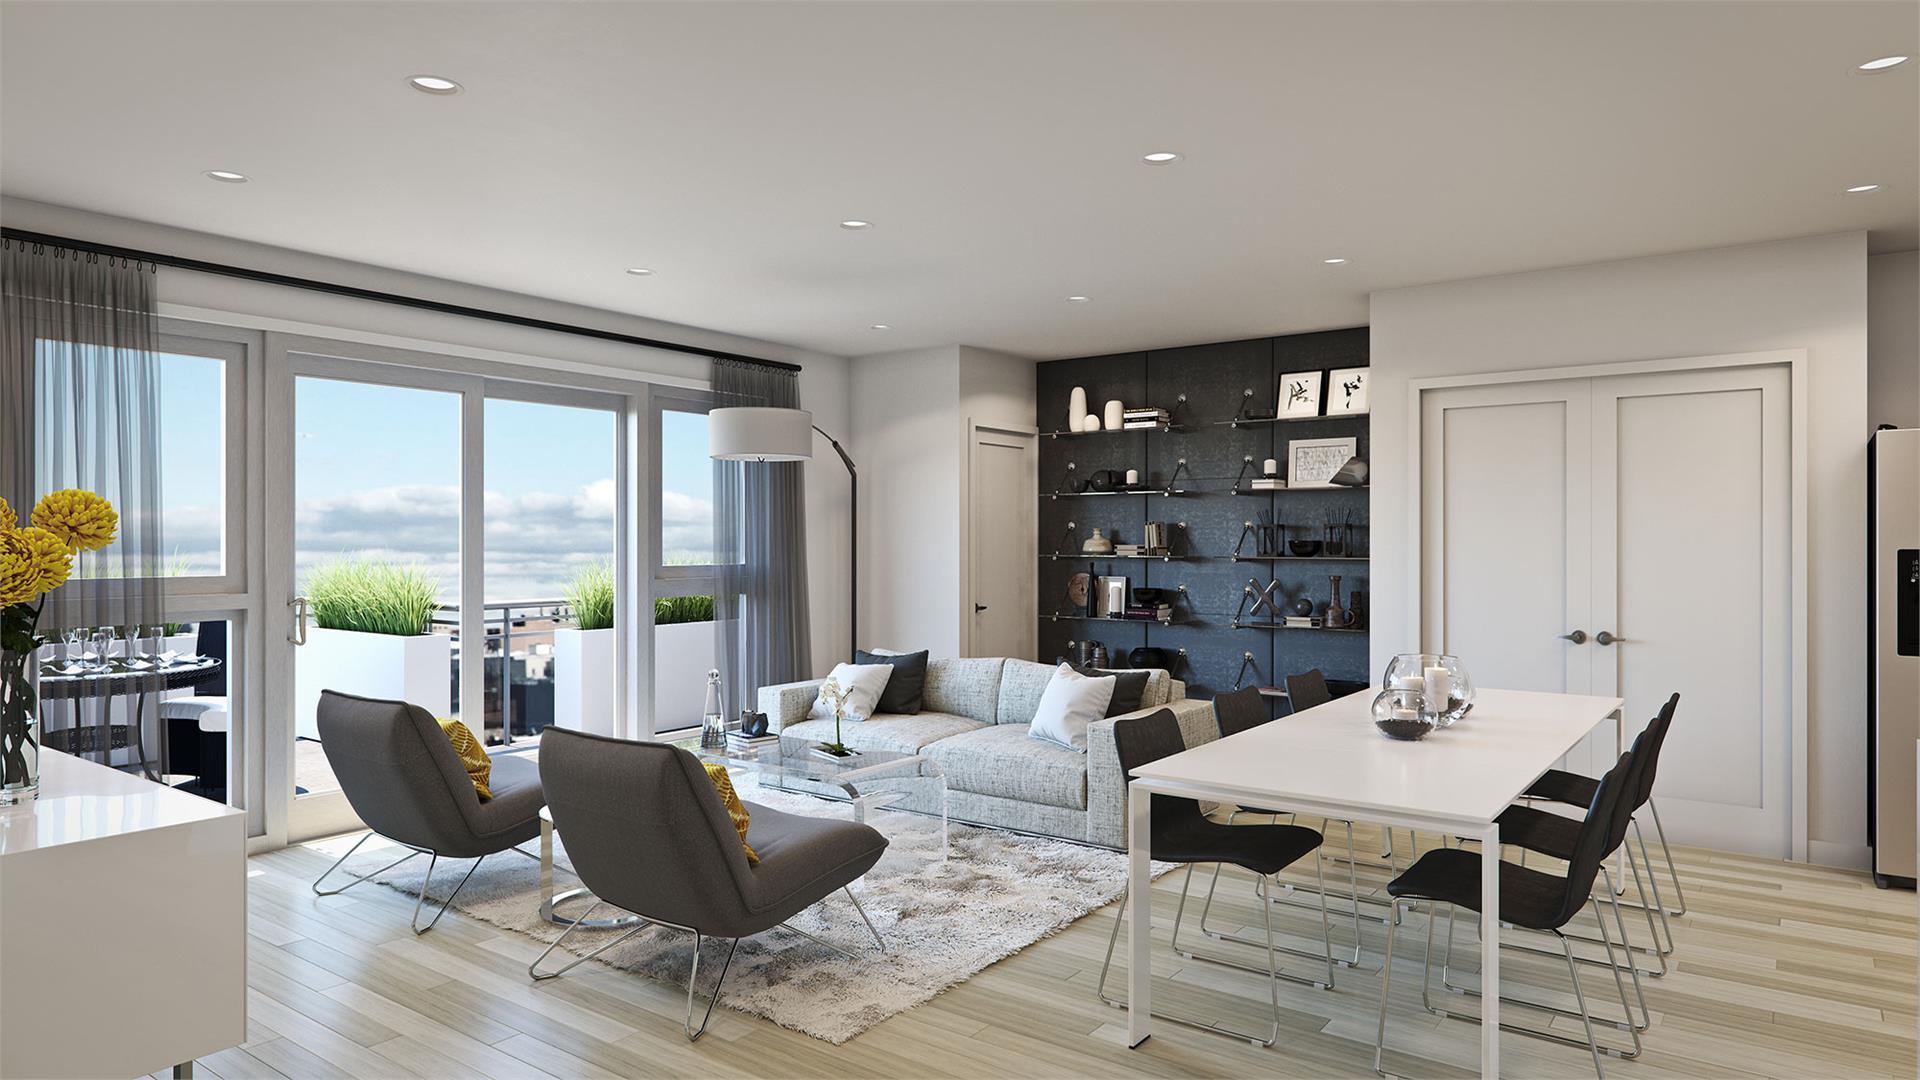 Verona Condominium21 17 31st Ave, Astoria, NY 11106, USA